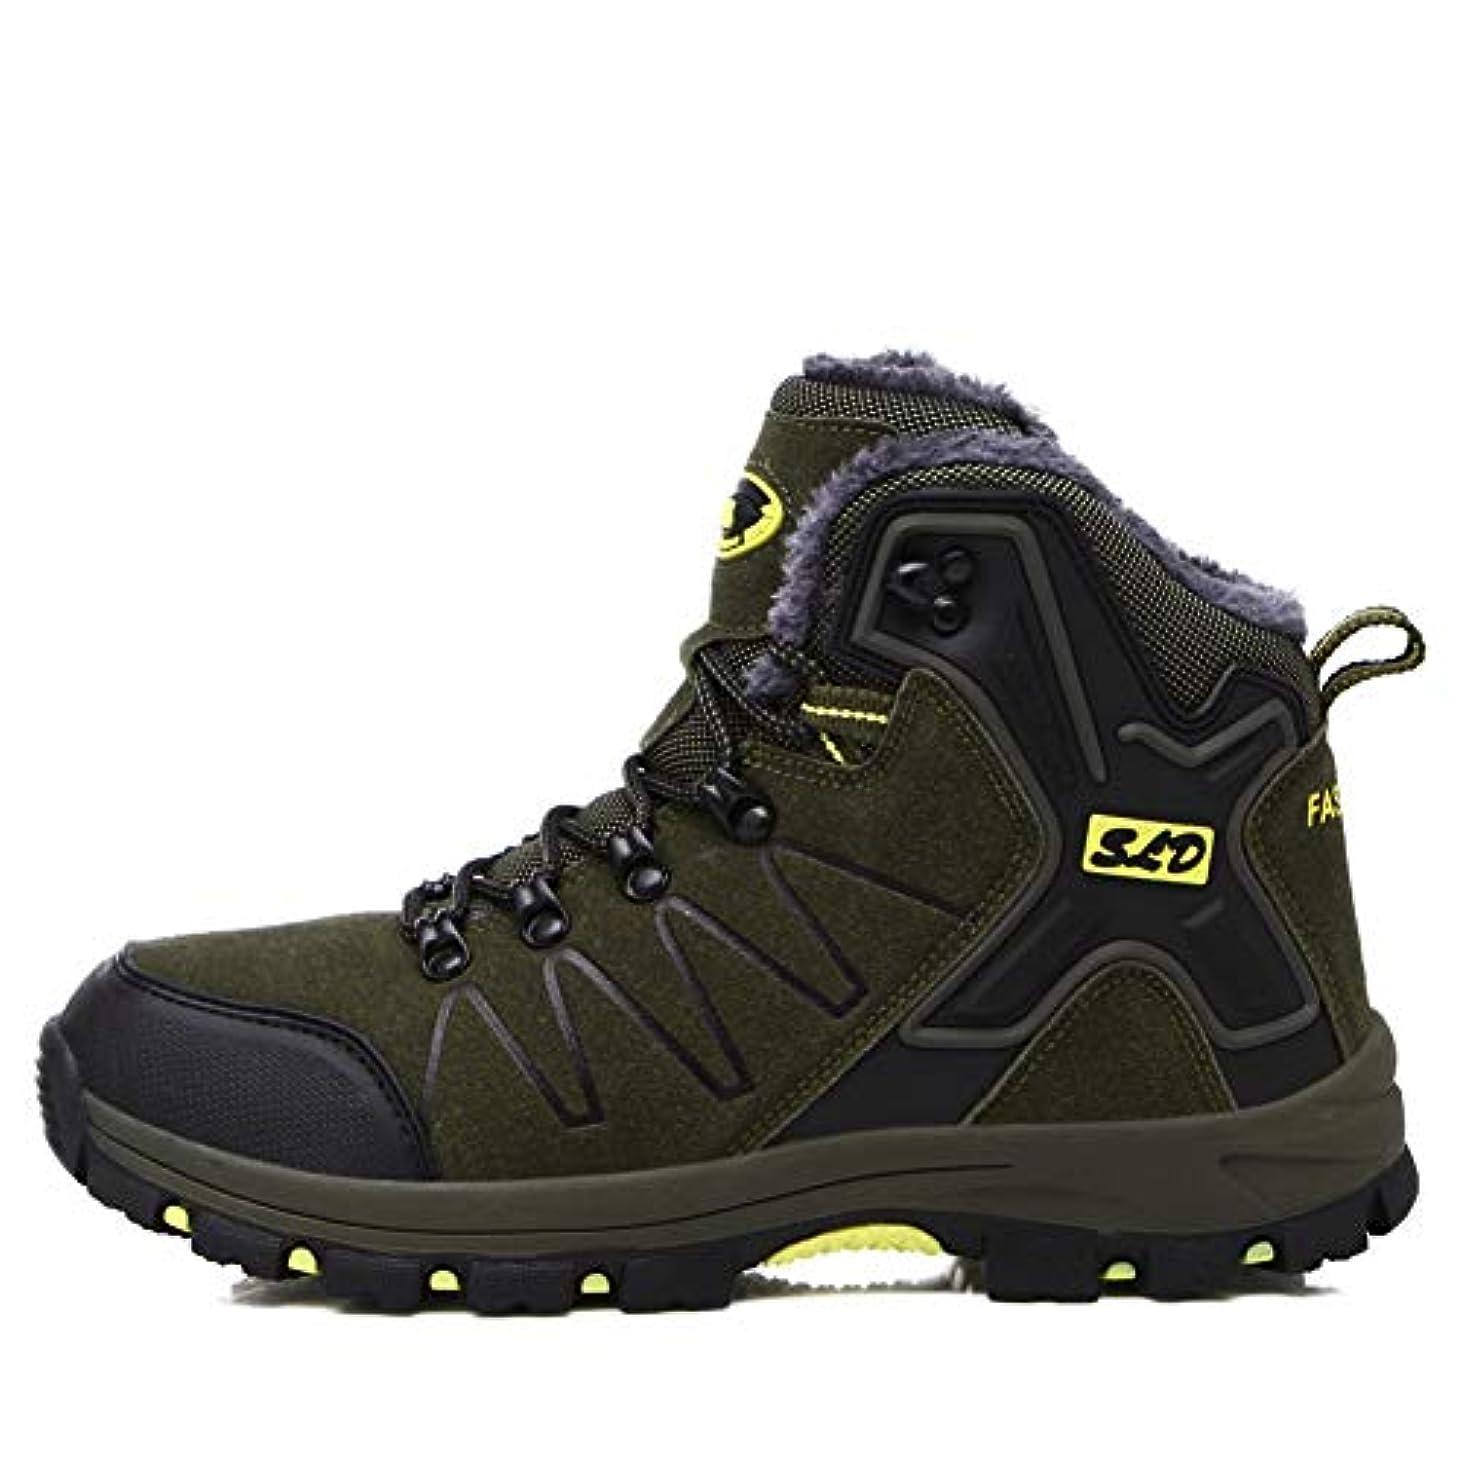 コントローラ徹底的に現像[TcIFE] トレッキングシューズ メンズ 防水 防滑 ハイカット 登山靴 大きいサイズ ハイキングシューズ メンズ 耐磨耗 ハイキングシューズ メンズ 通気性 スニーカー